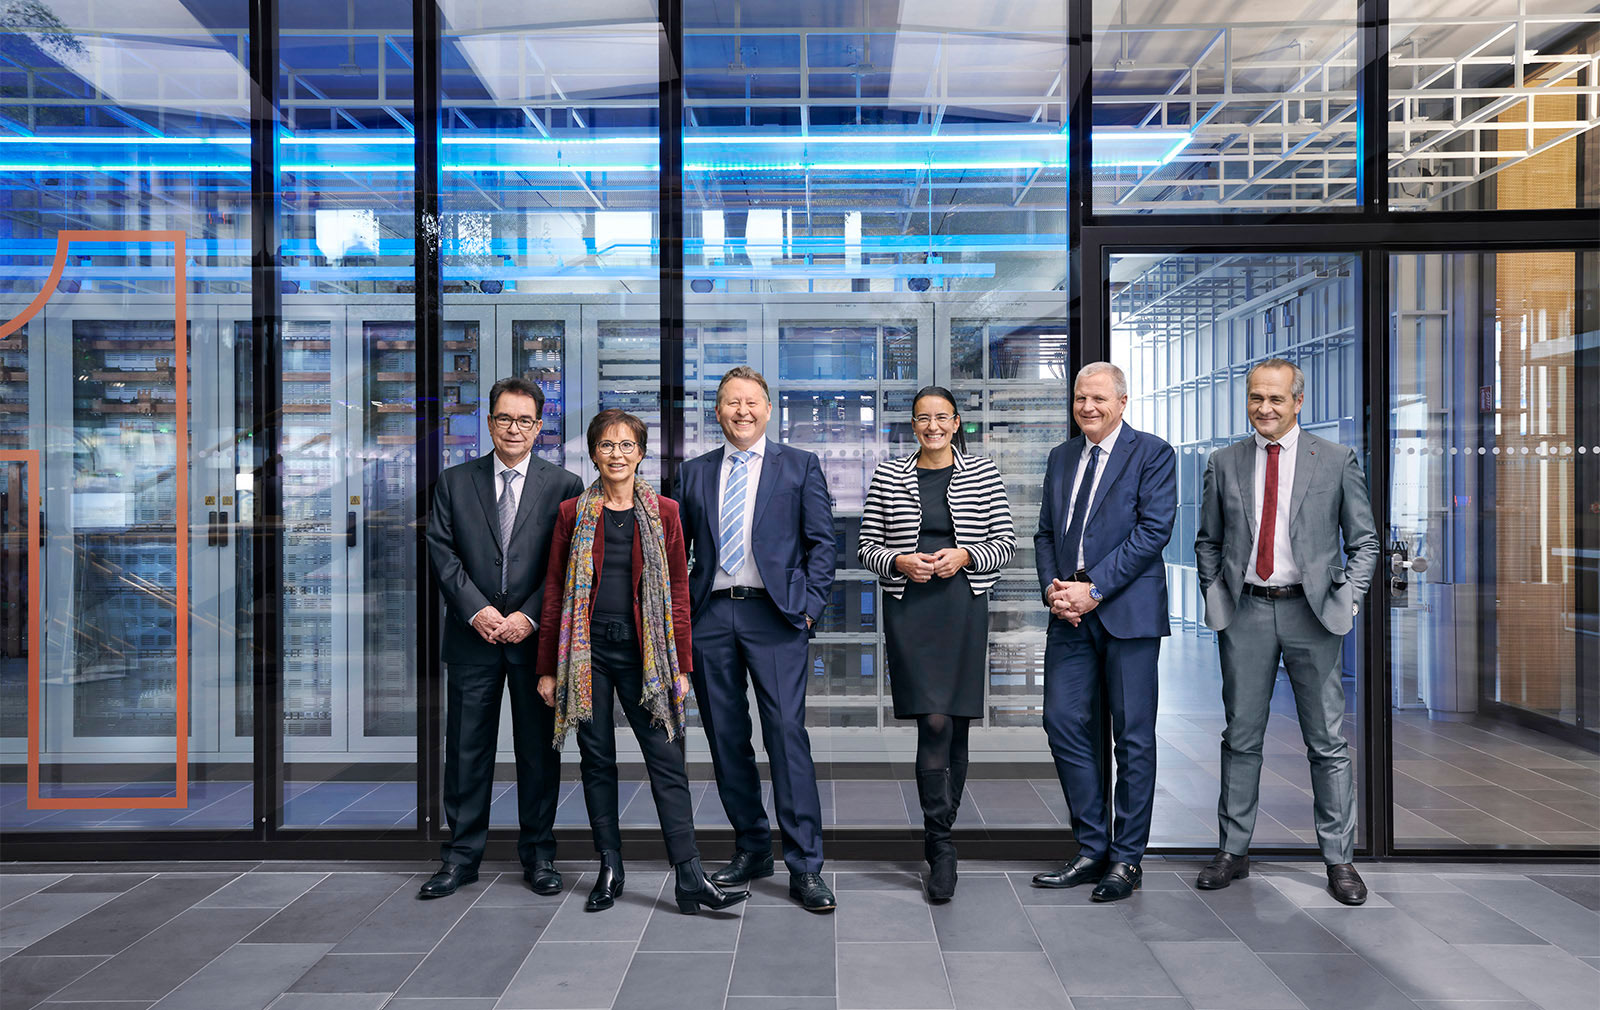 Gruppenfoto vom Aufsichtsrat der HAGER SE Location: Hager Forum